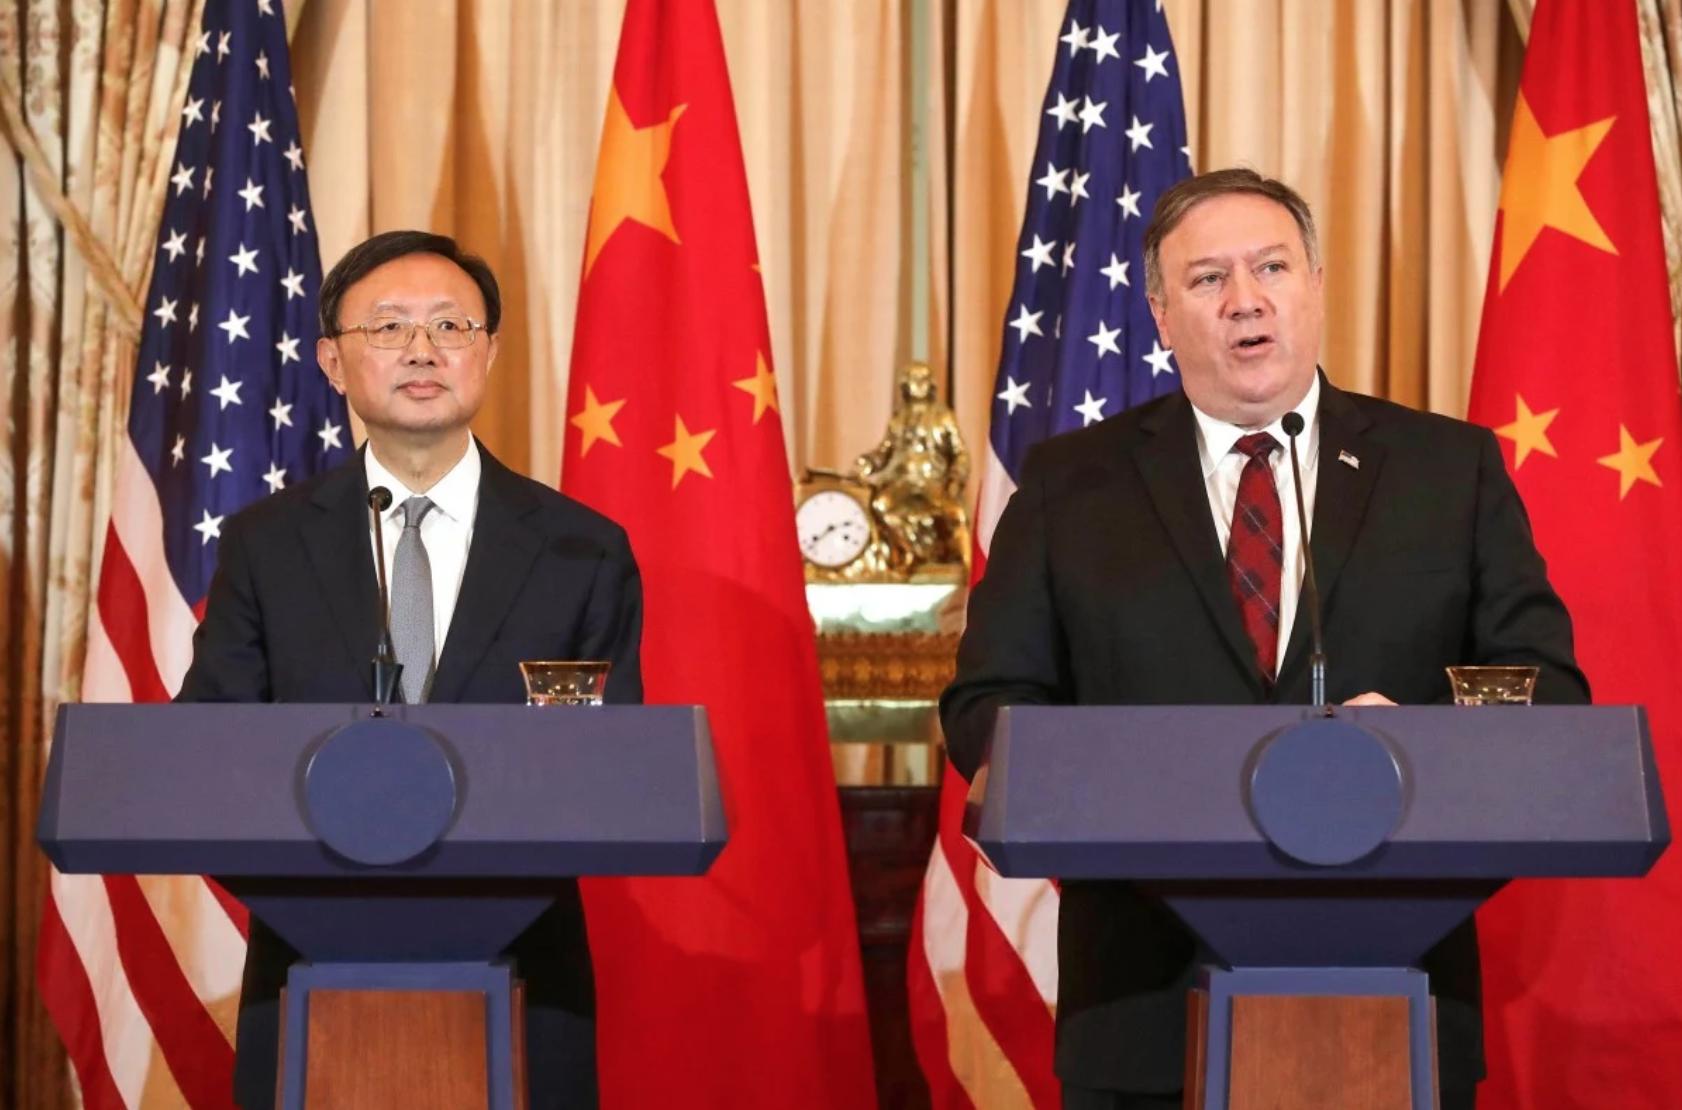 Ngoại Trưởng Hoa Kỳ Mike Pompeo sẽ gặp nhà ngoại giao hàng đầu Trung Cộng vào thứ Tư tới đây